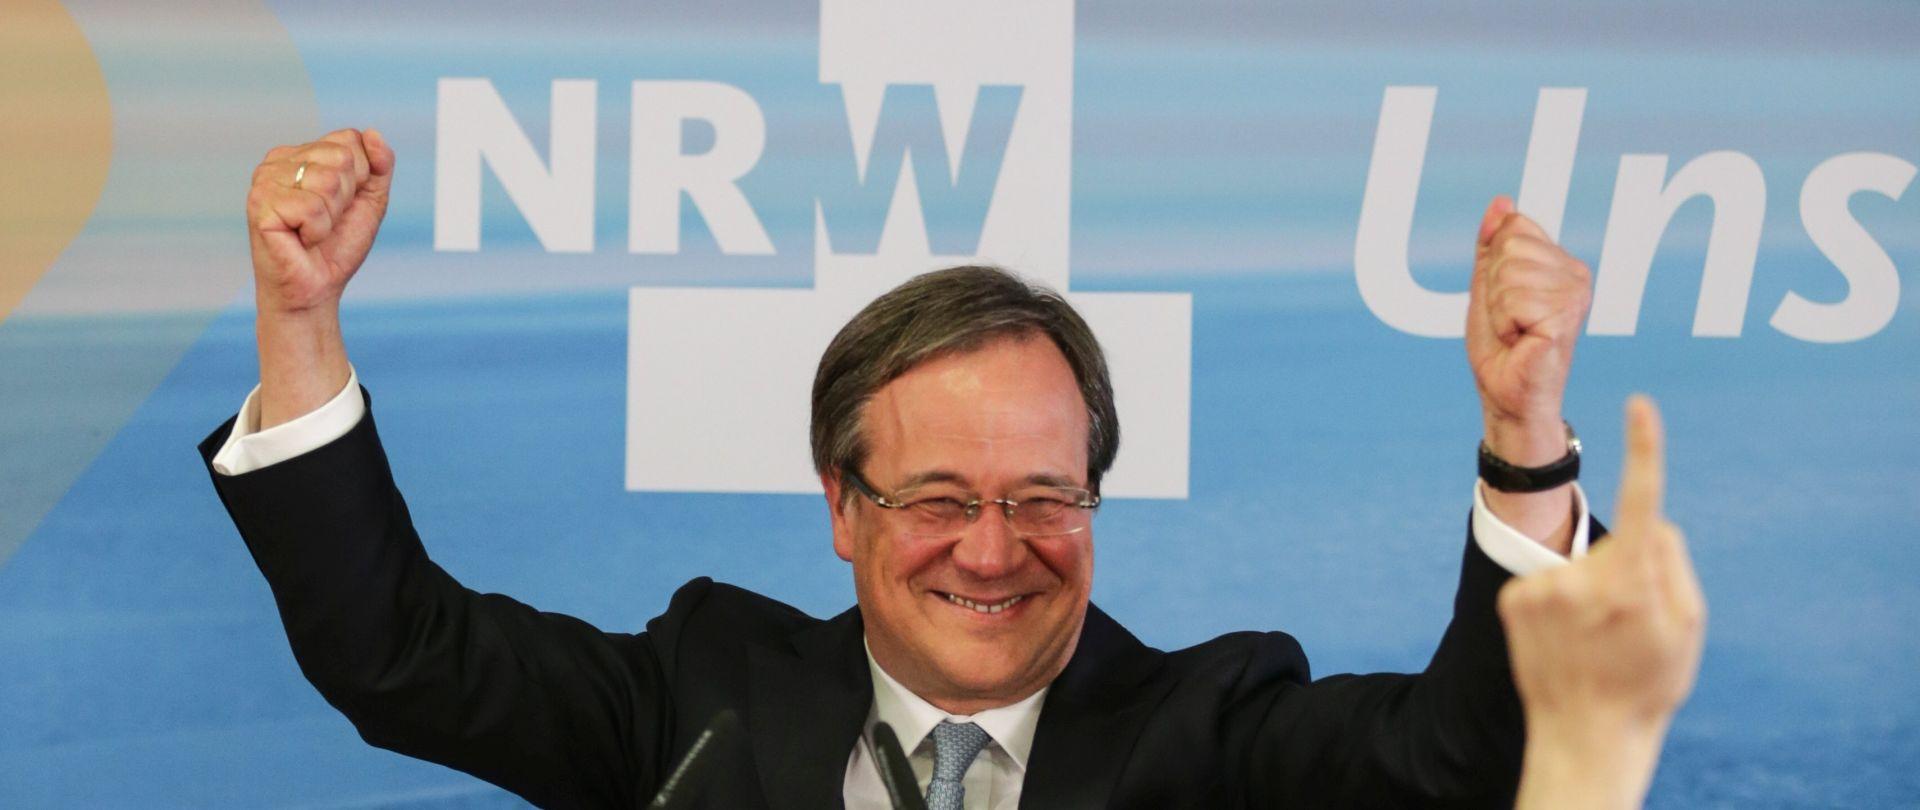 CDU pobjednik izbora u Sjevernoj Rajni-Vestfaliji